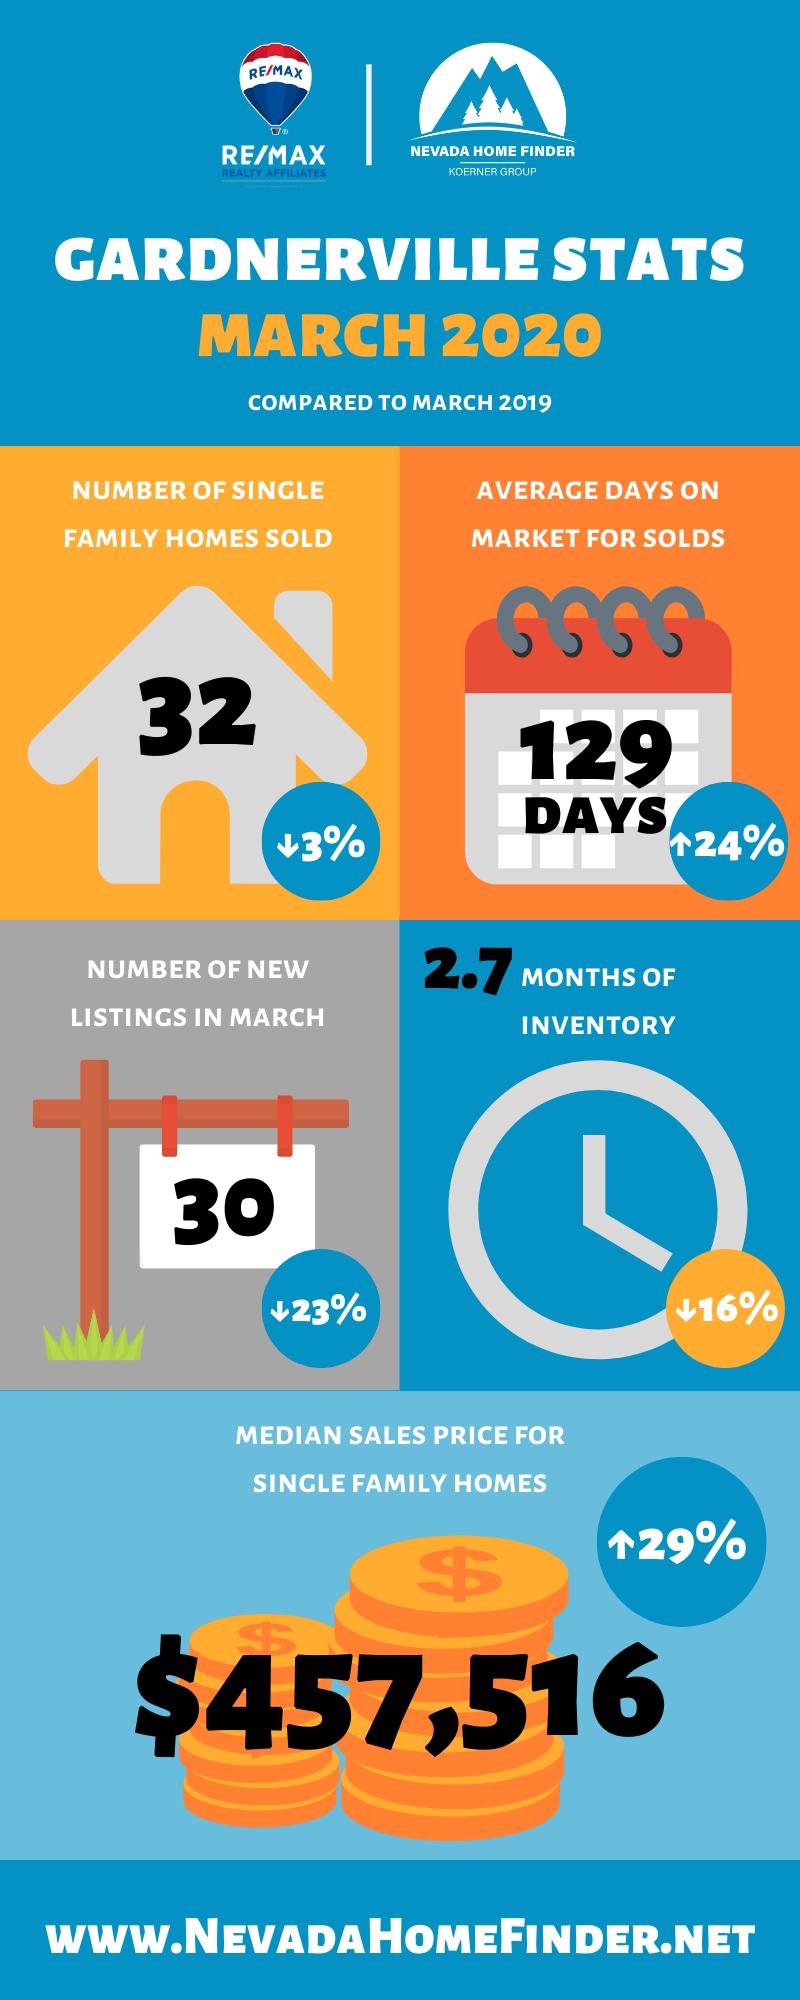 March 2020 statistics for Gardnerville, NV.